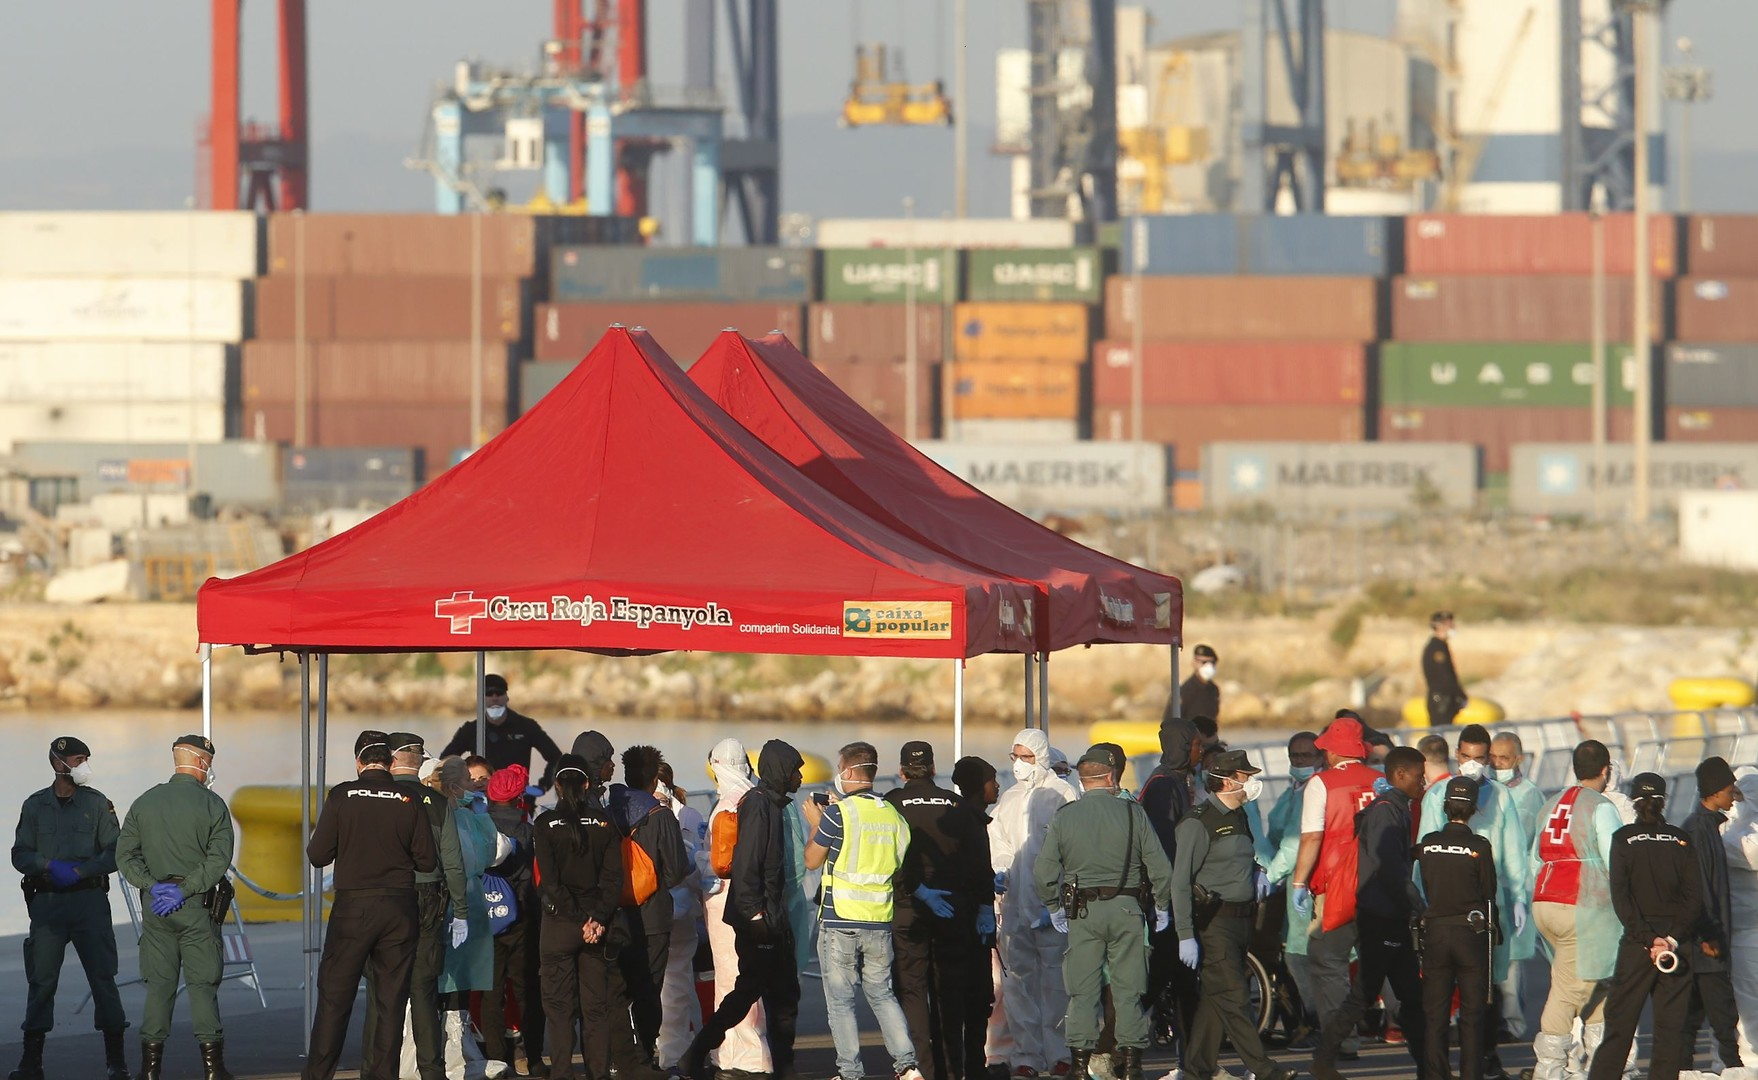 Espagne : les premiers passagers de l'Aquarius arrivent dans le port de Valence (IMAGES)